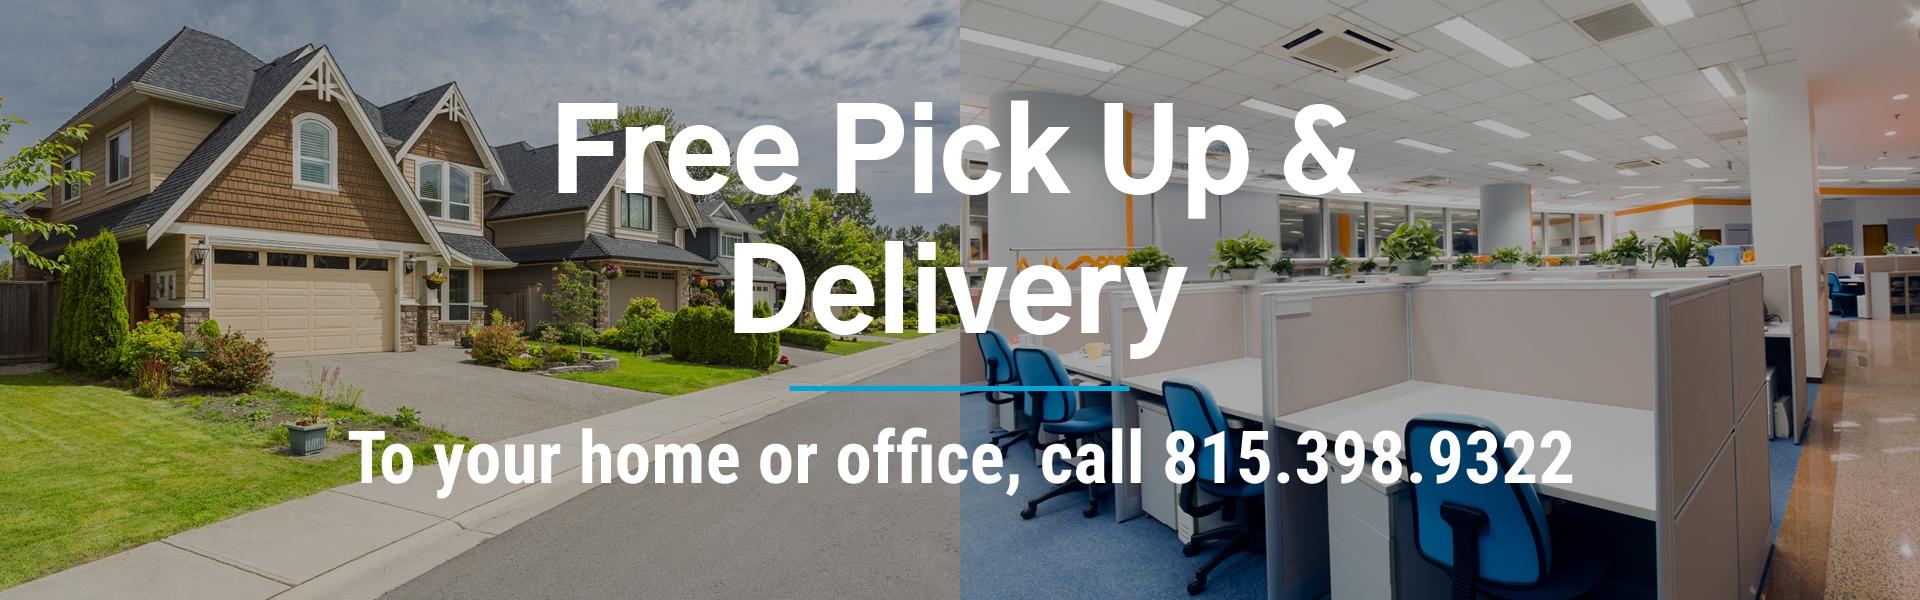 Pickup & Delivery Slide